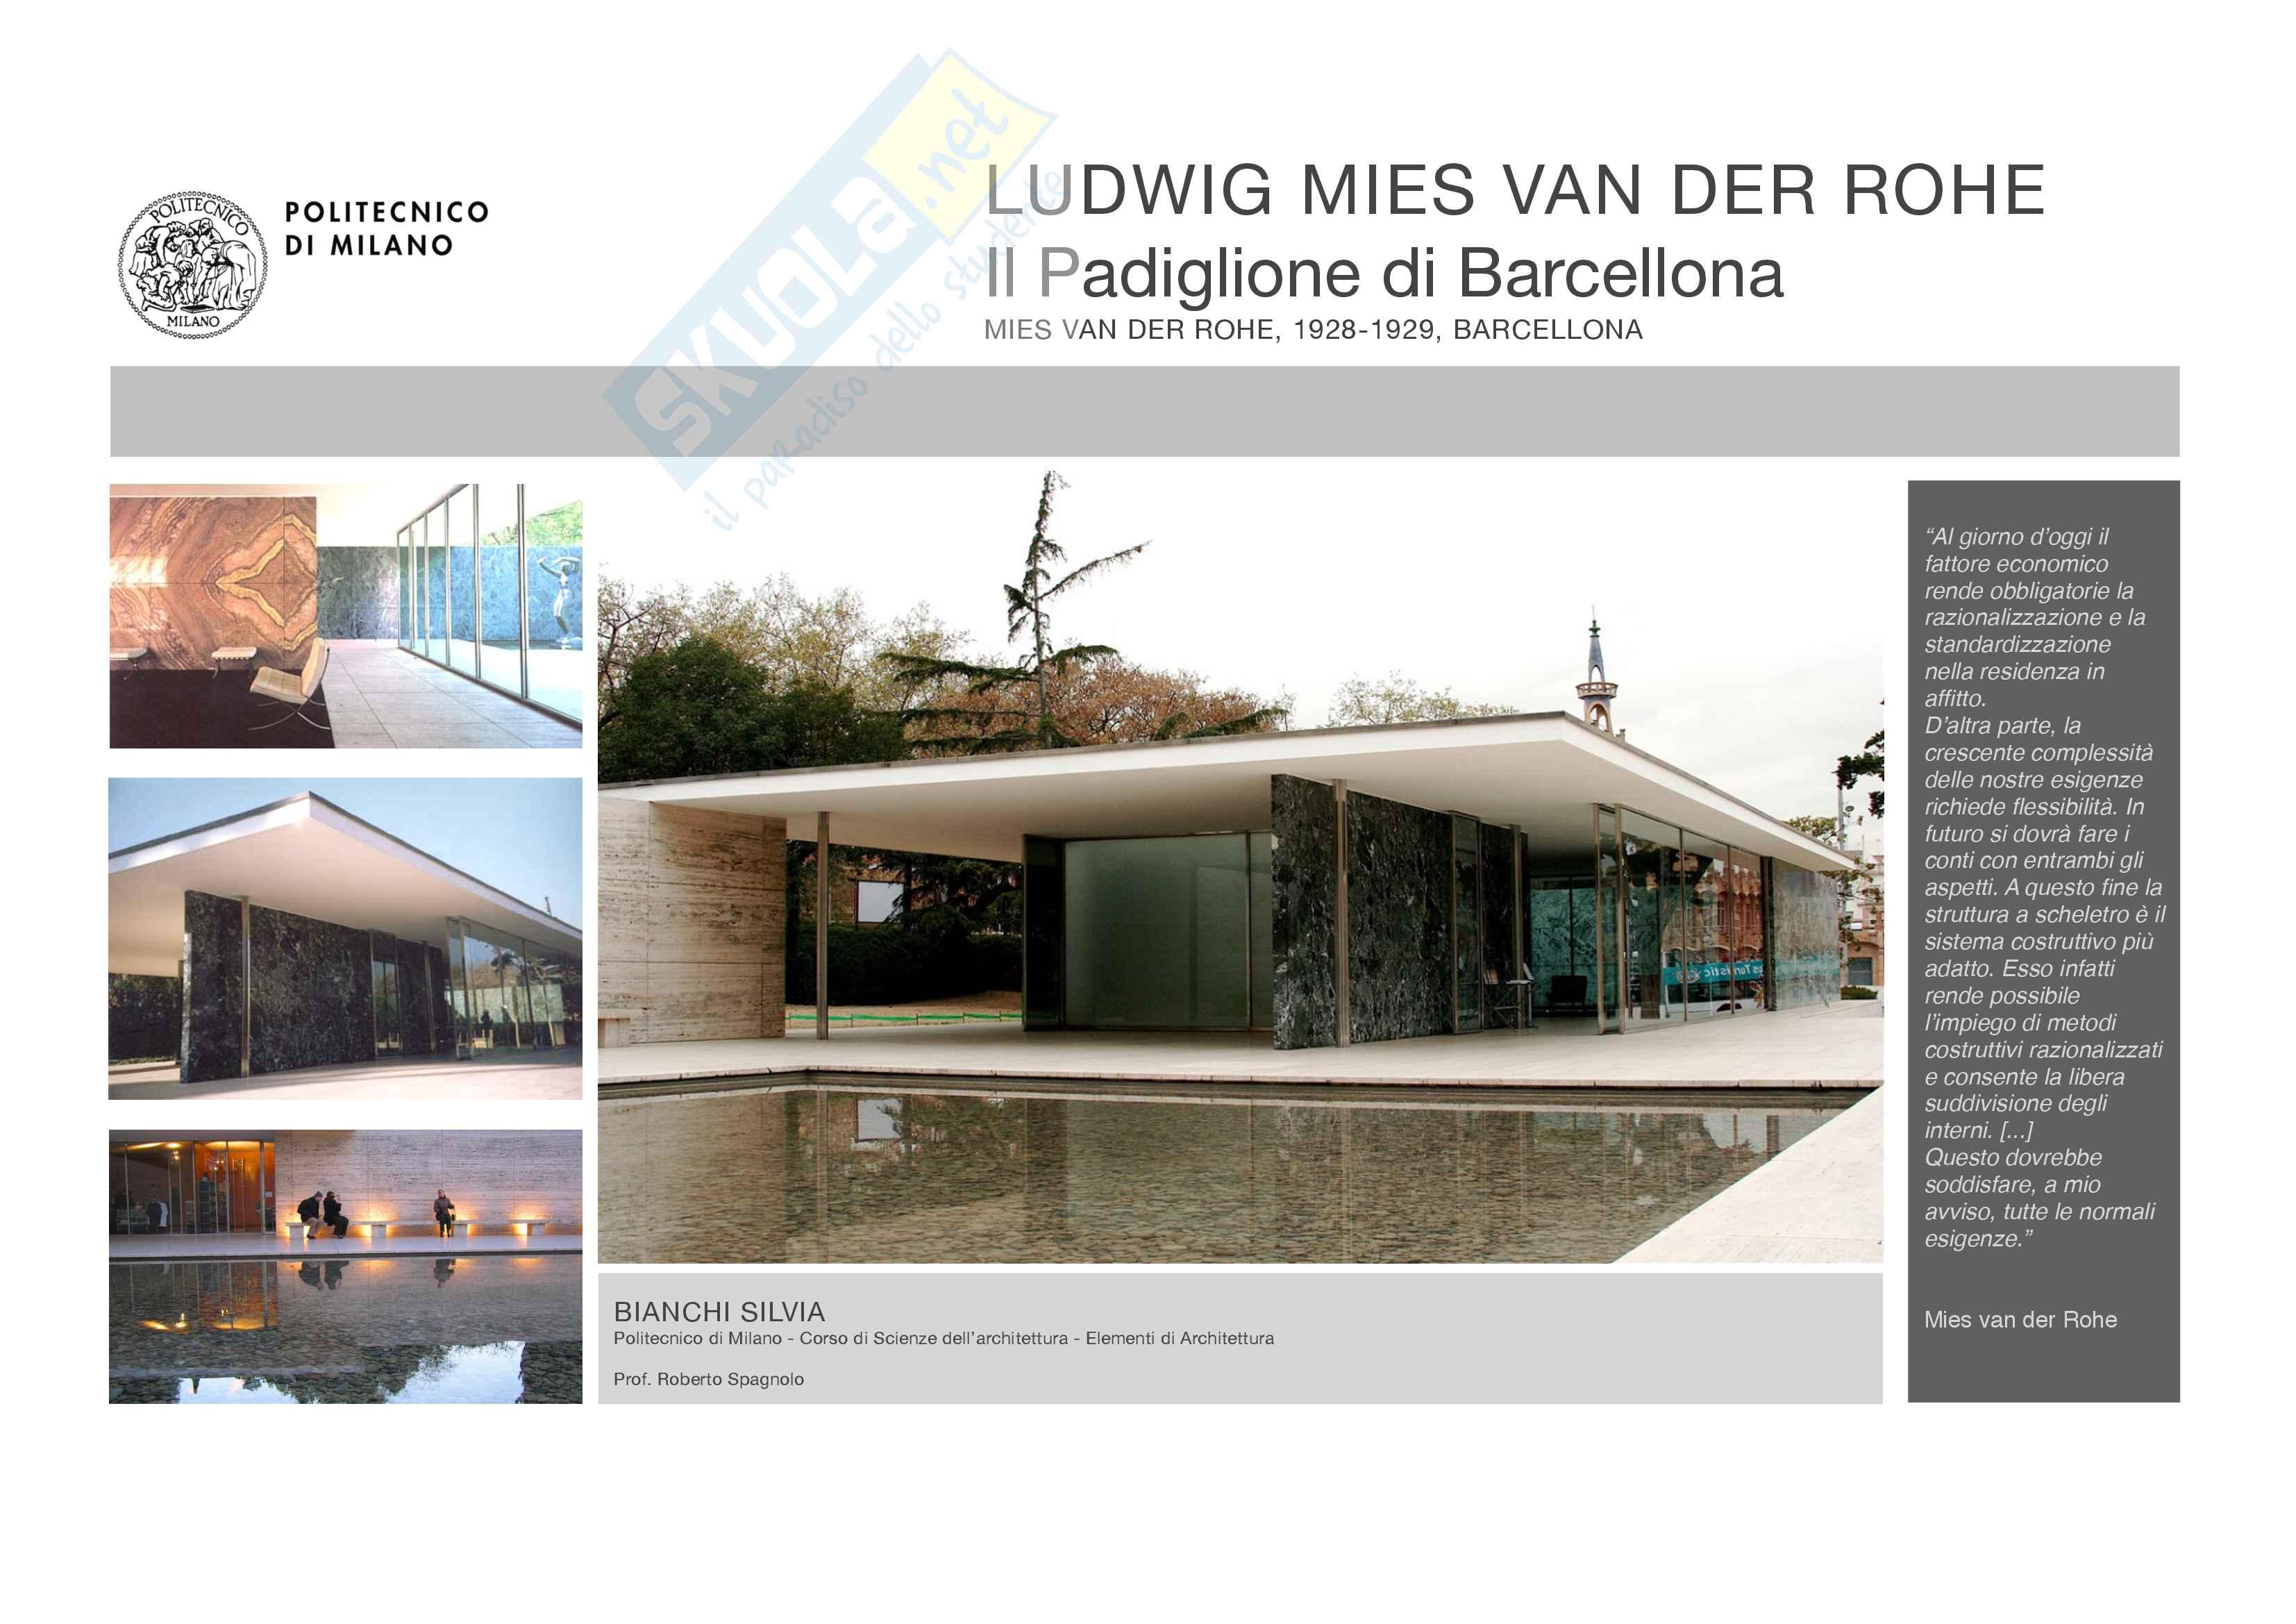 Padiglione di Barcellona